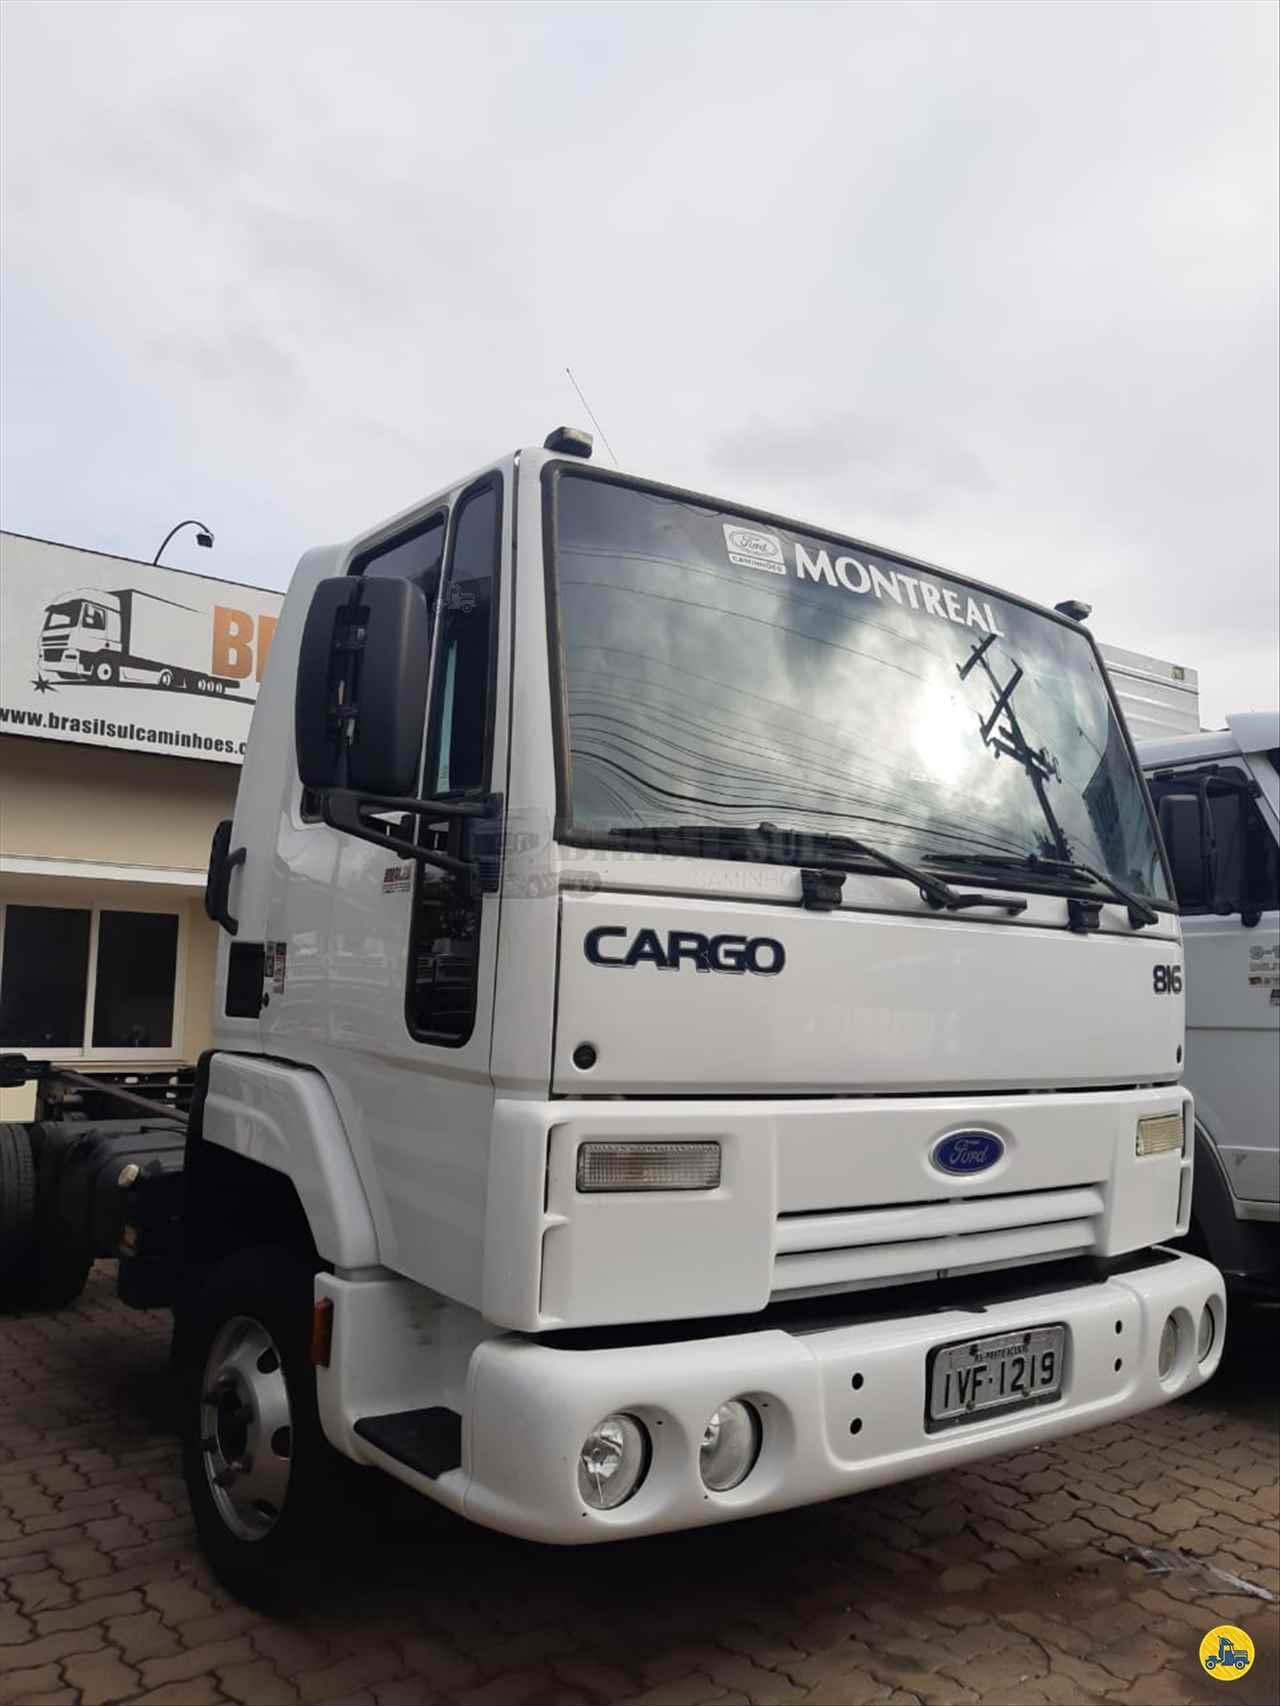 CARGO 816 de Brasil Sul Caminhões - PORTAO/RS